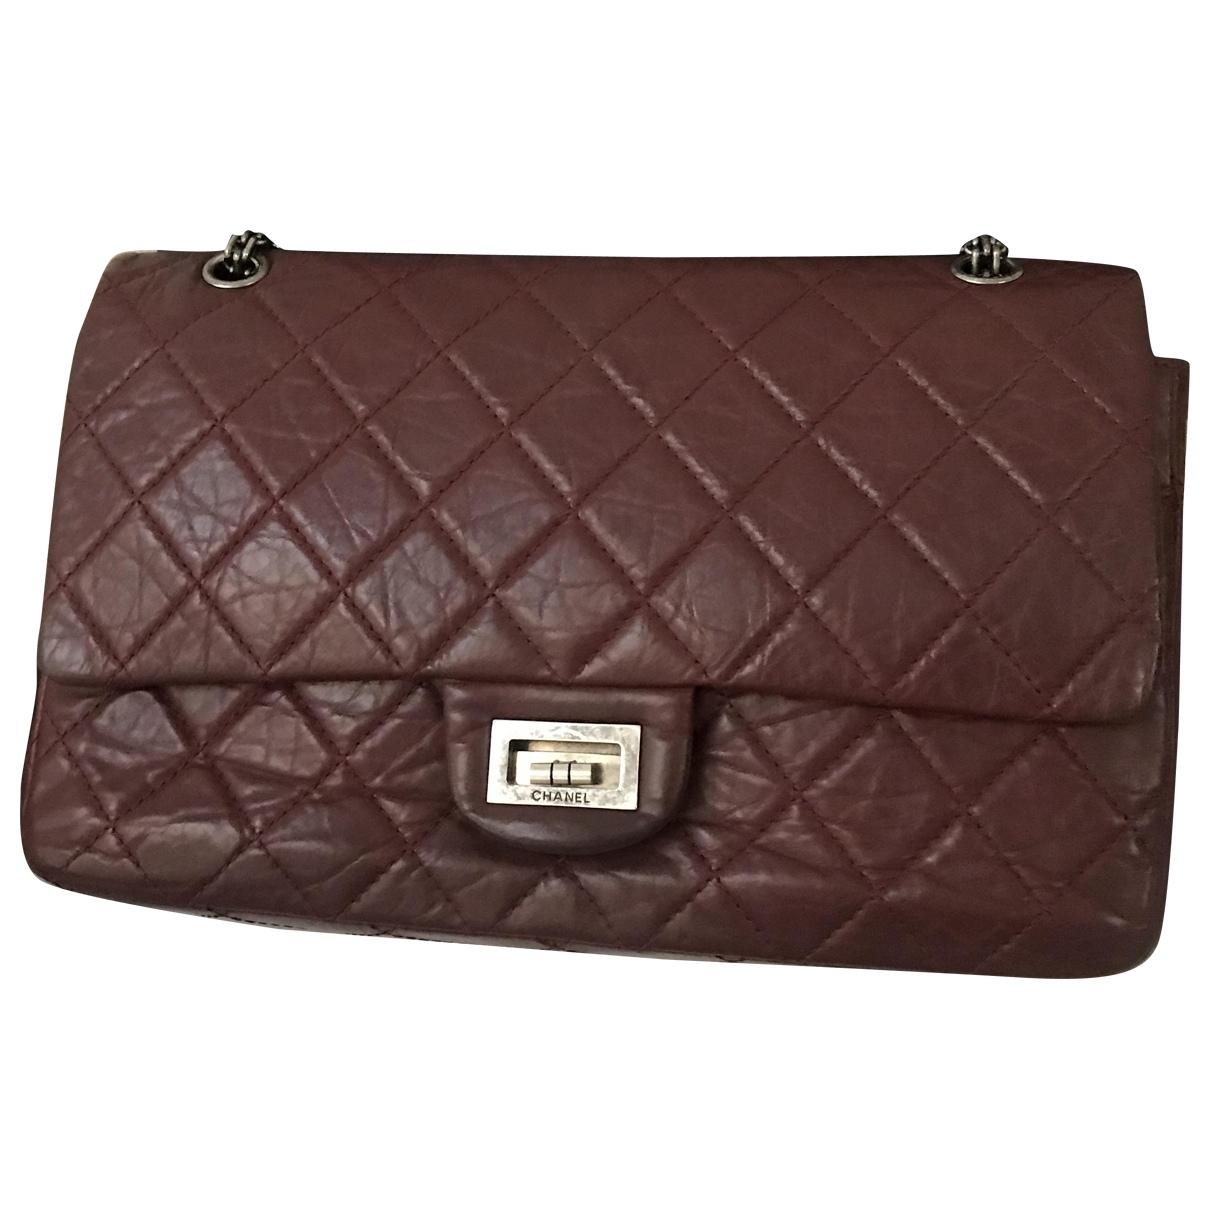 Chanel - Sac a main 2.55 pour femme en cuir - bordeaux